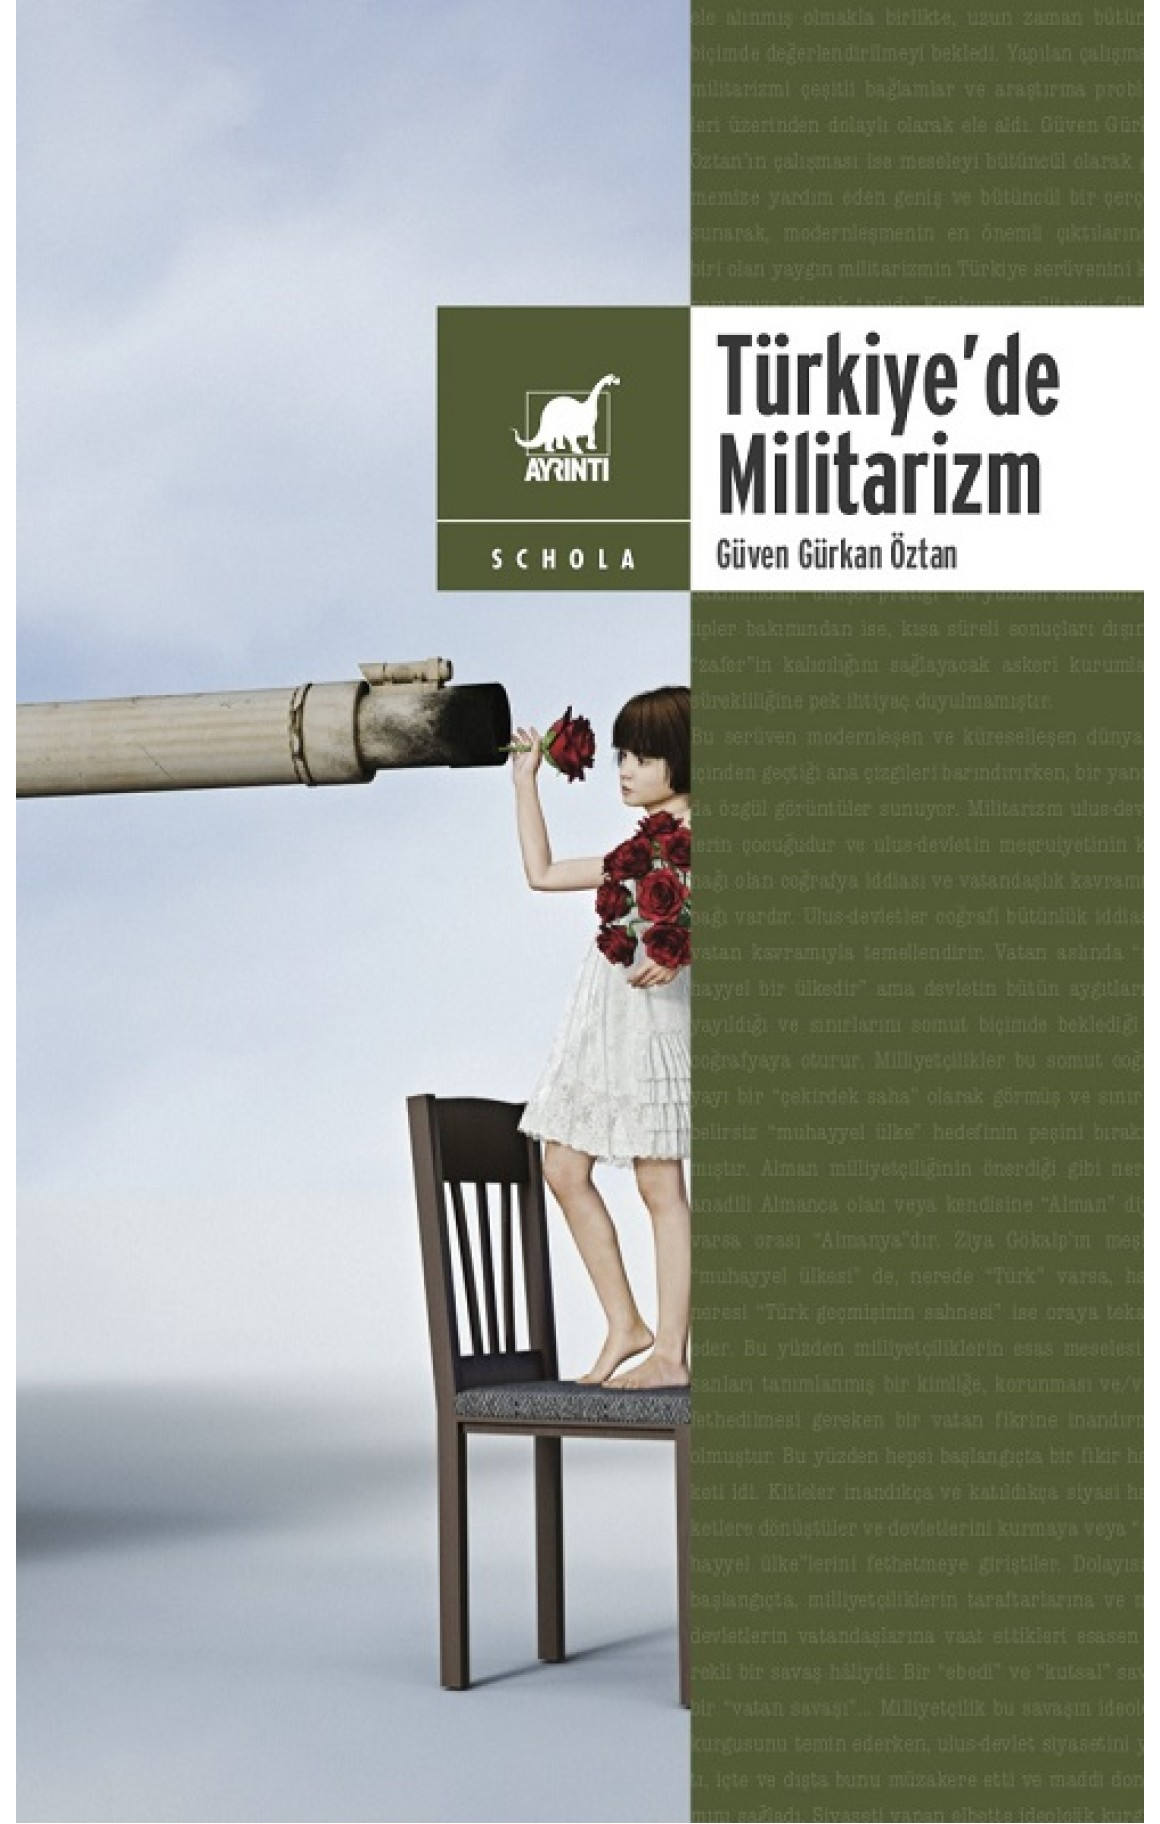 Türkiye'de Militarizm